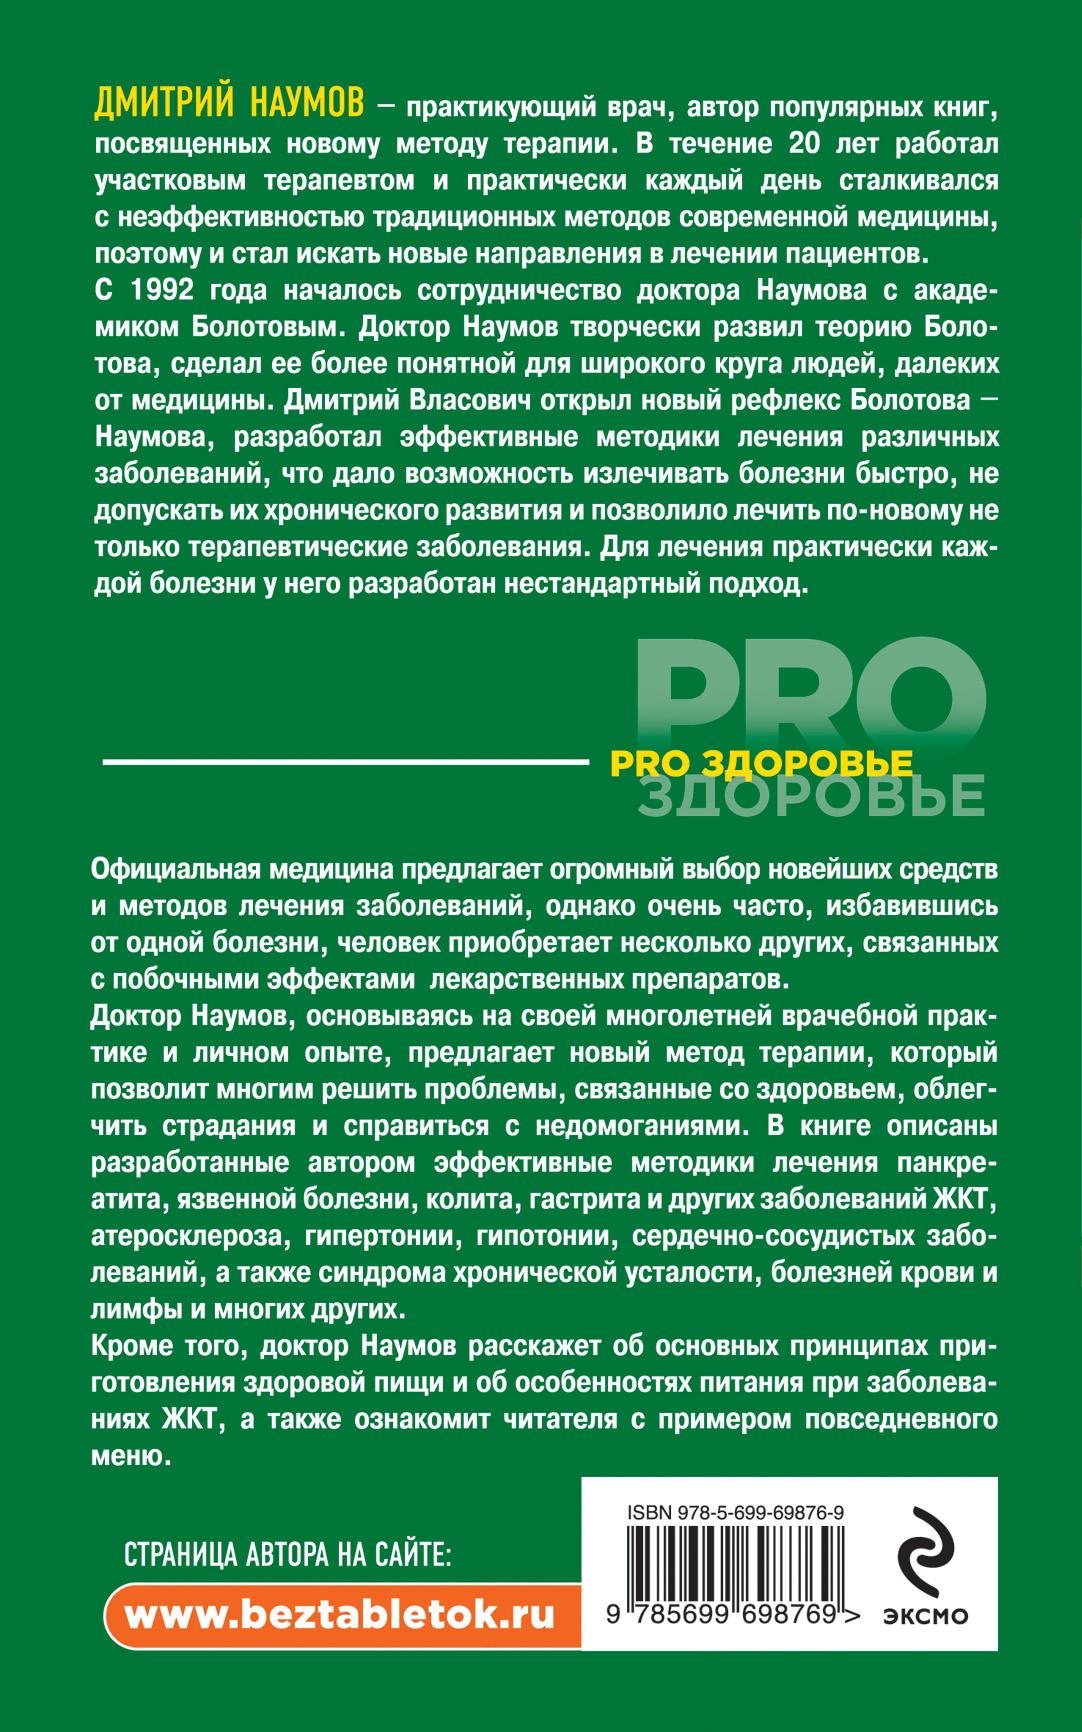 Лечение без таблеток по методикам Болотова-Наумова